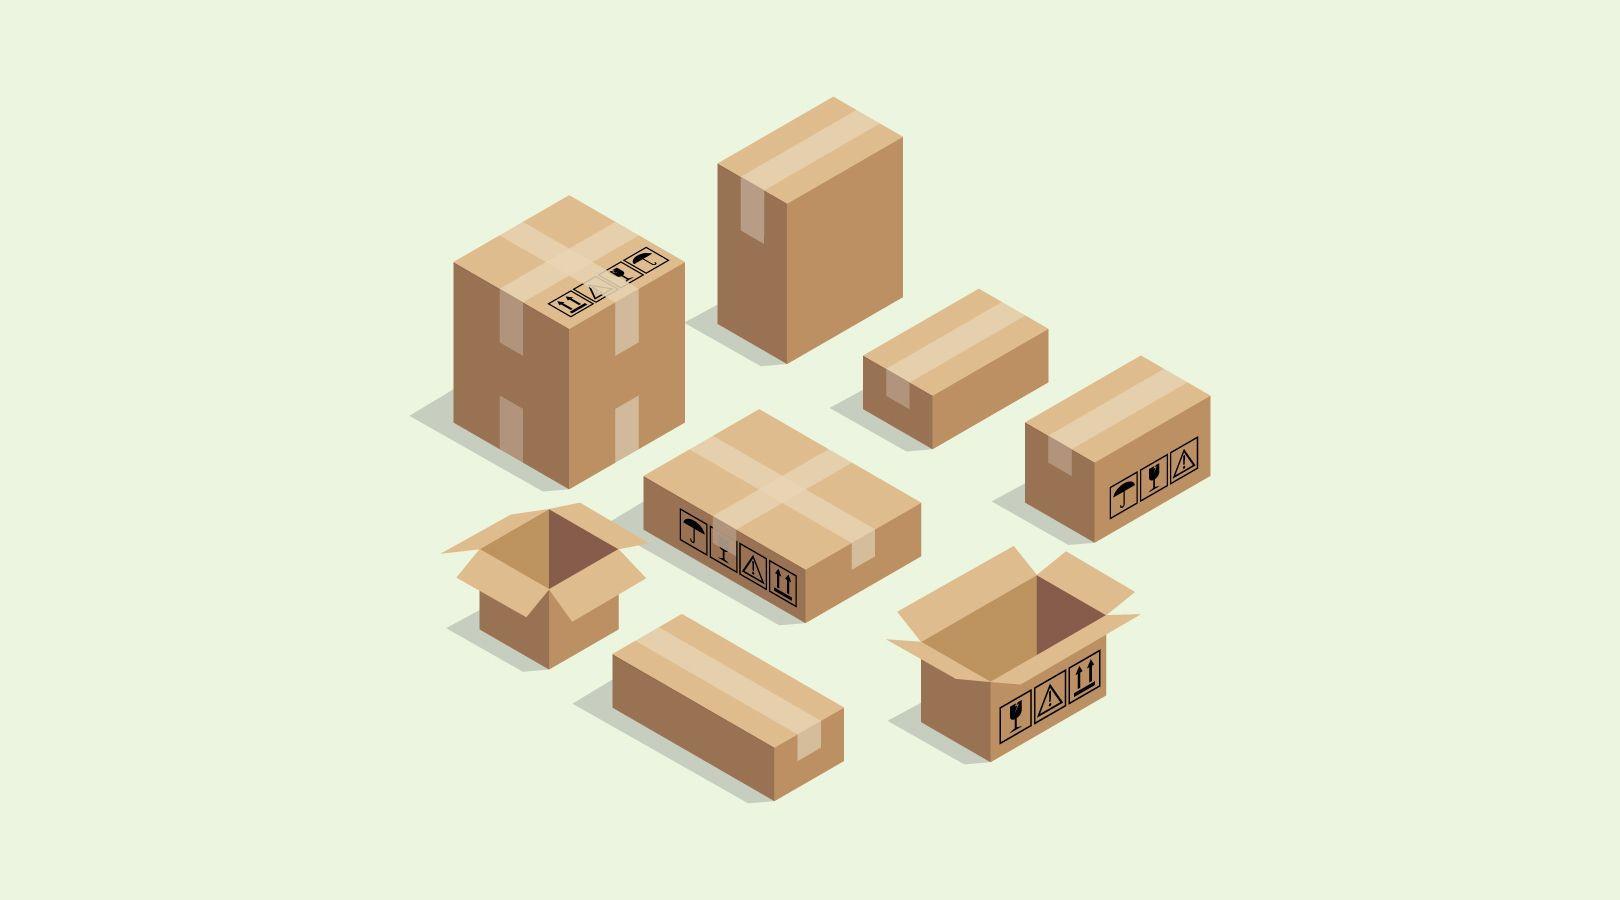 Easyship shipping boxes